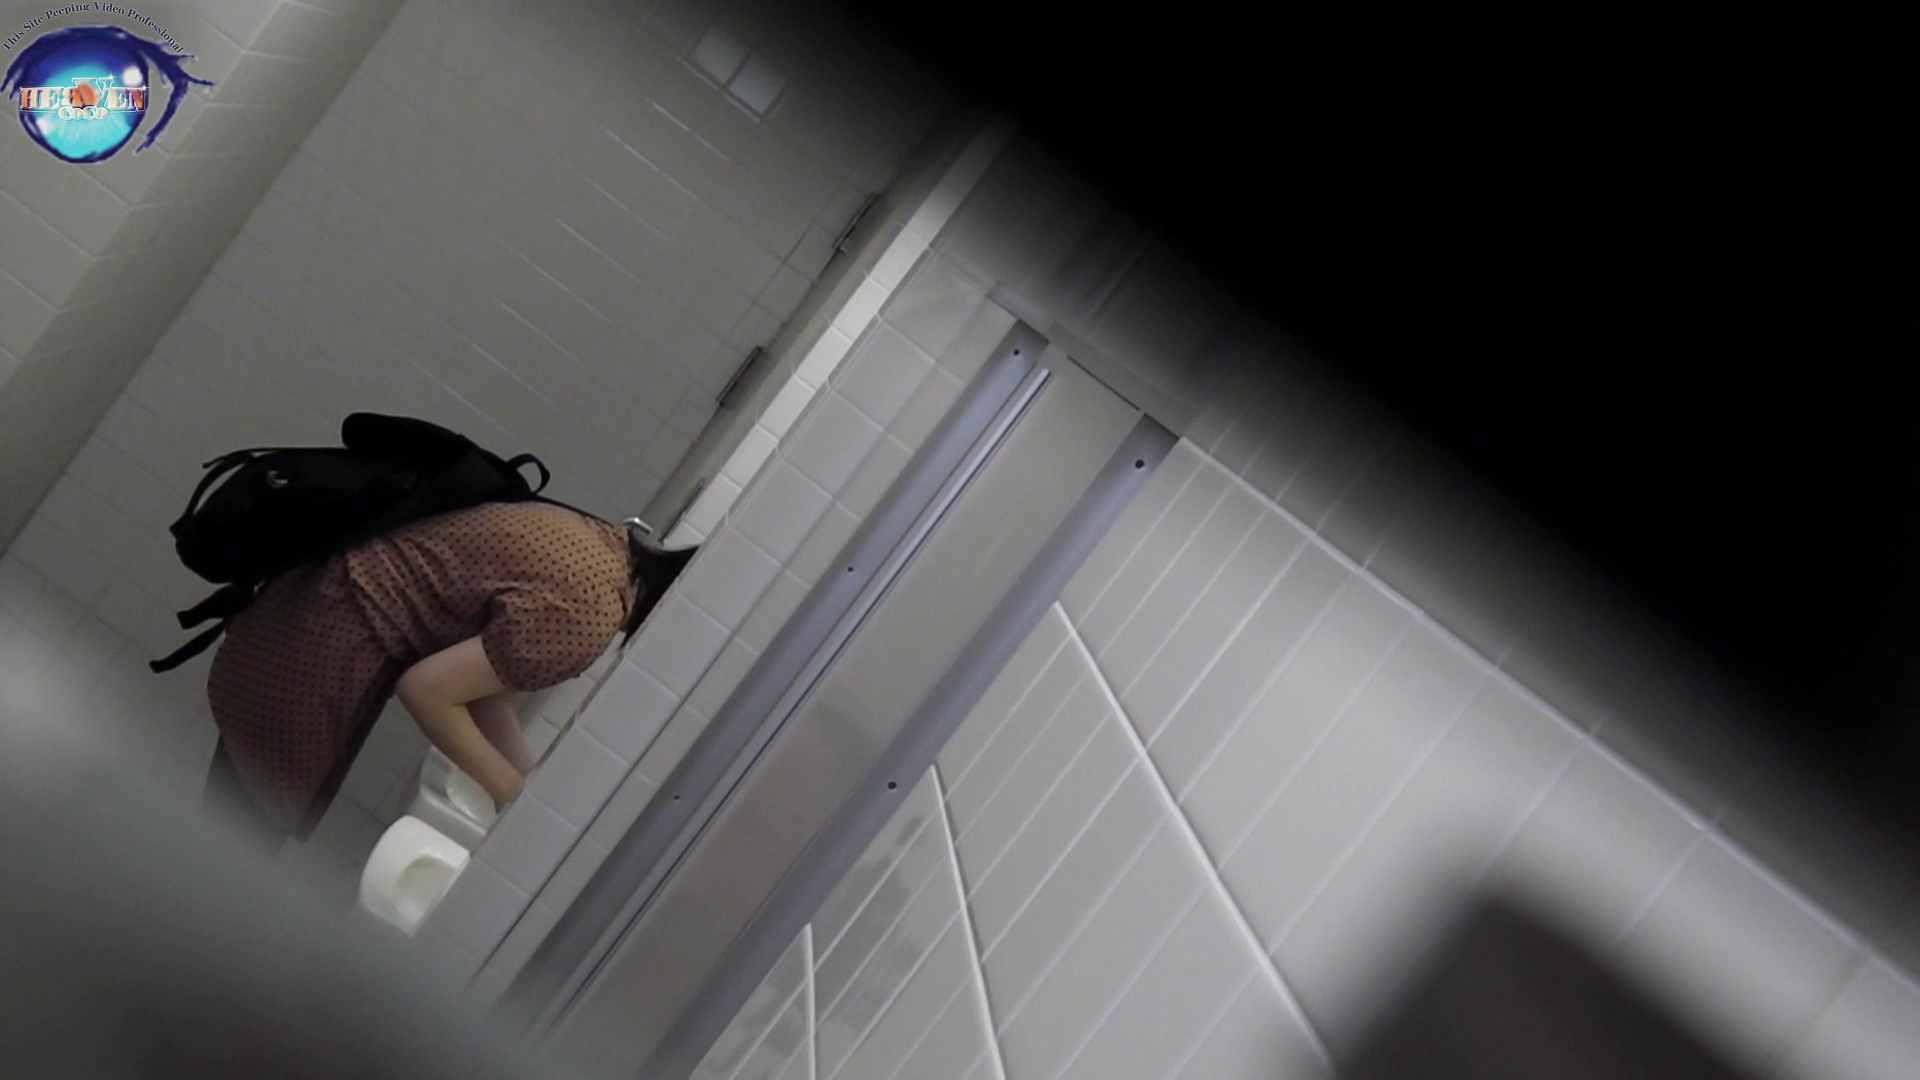 洗面所突入レポート!!お銀 vol.68 無謀に通路に飛び出て一番明るいフロント撮り実現 前編 綺麗なOLたち  63枚 46